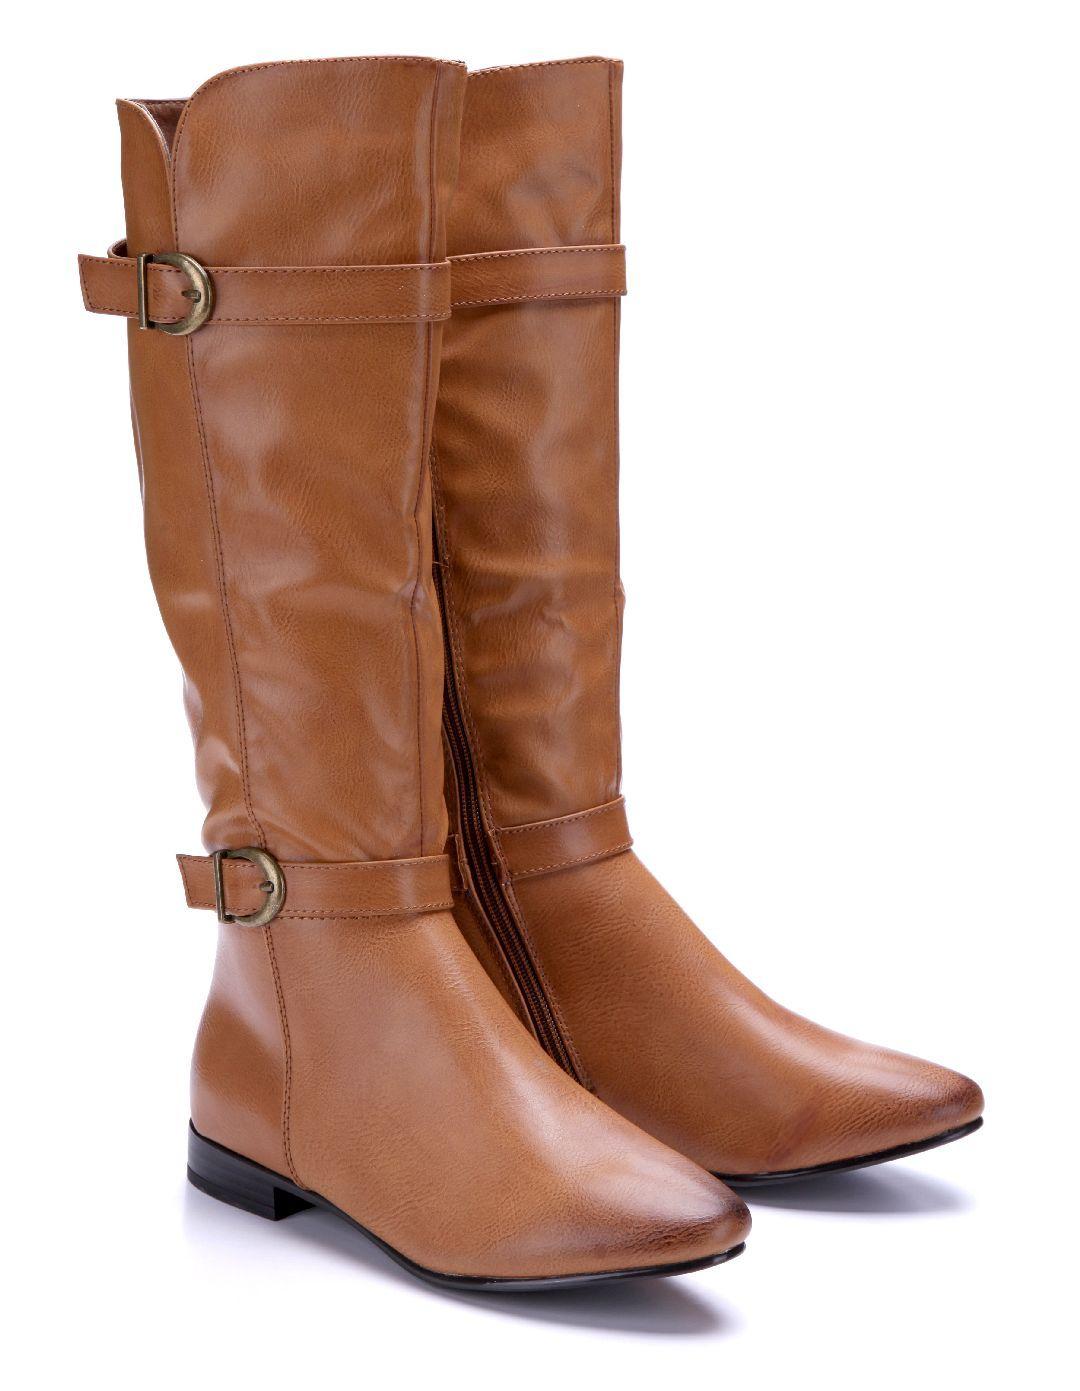 2dae140b608481 Stiefel aus der aktuellen Kollektion.